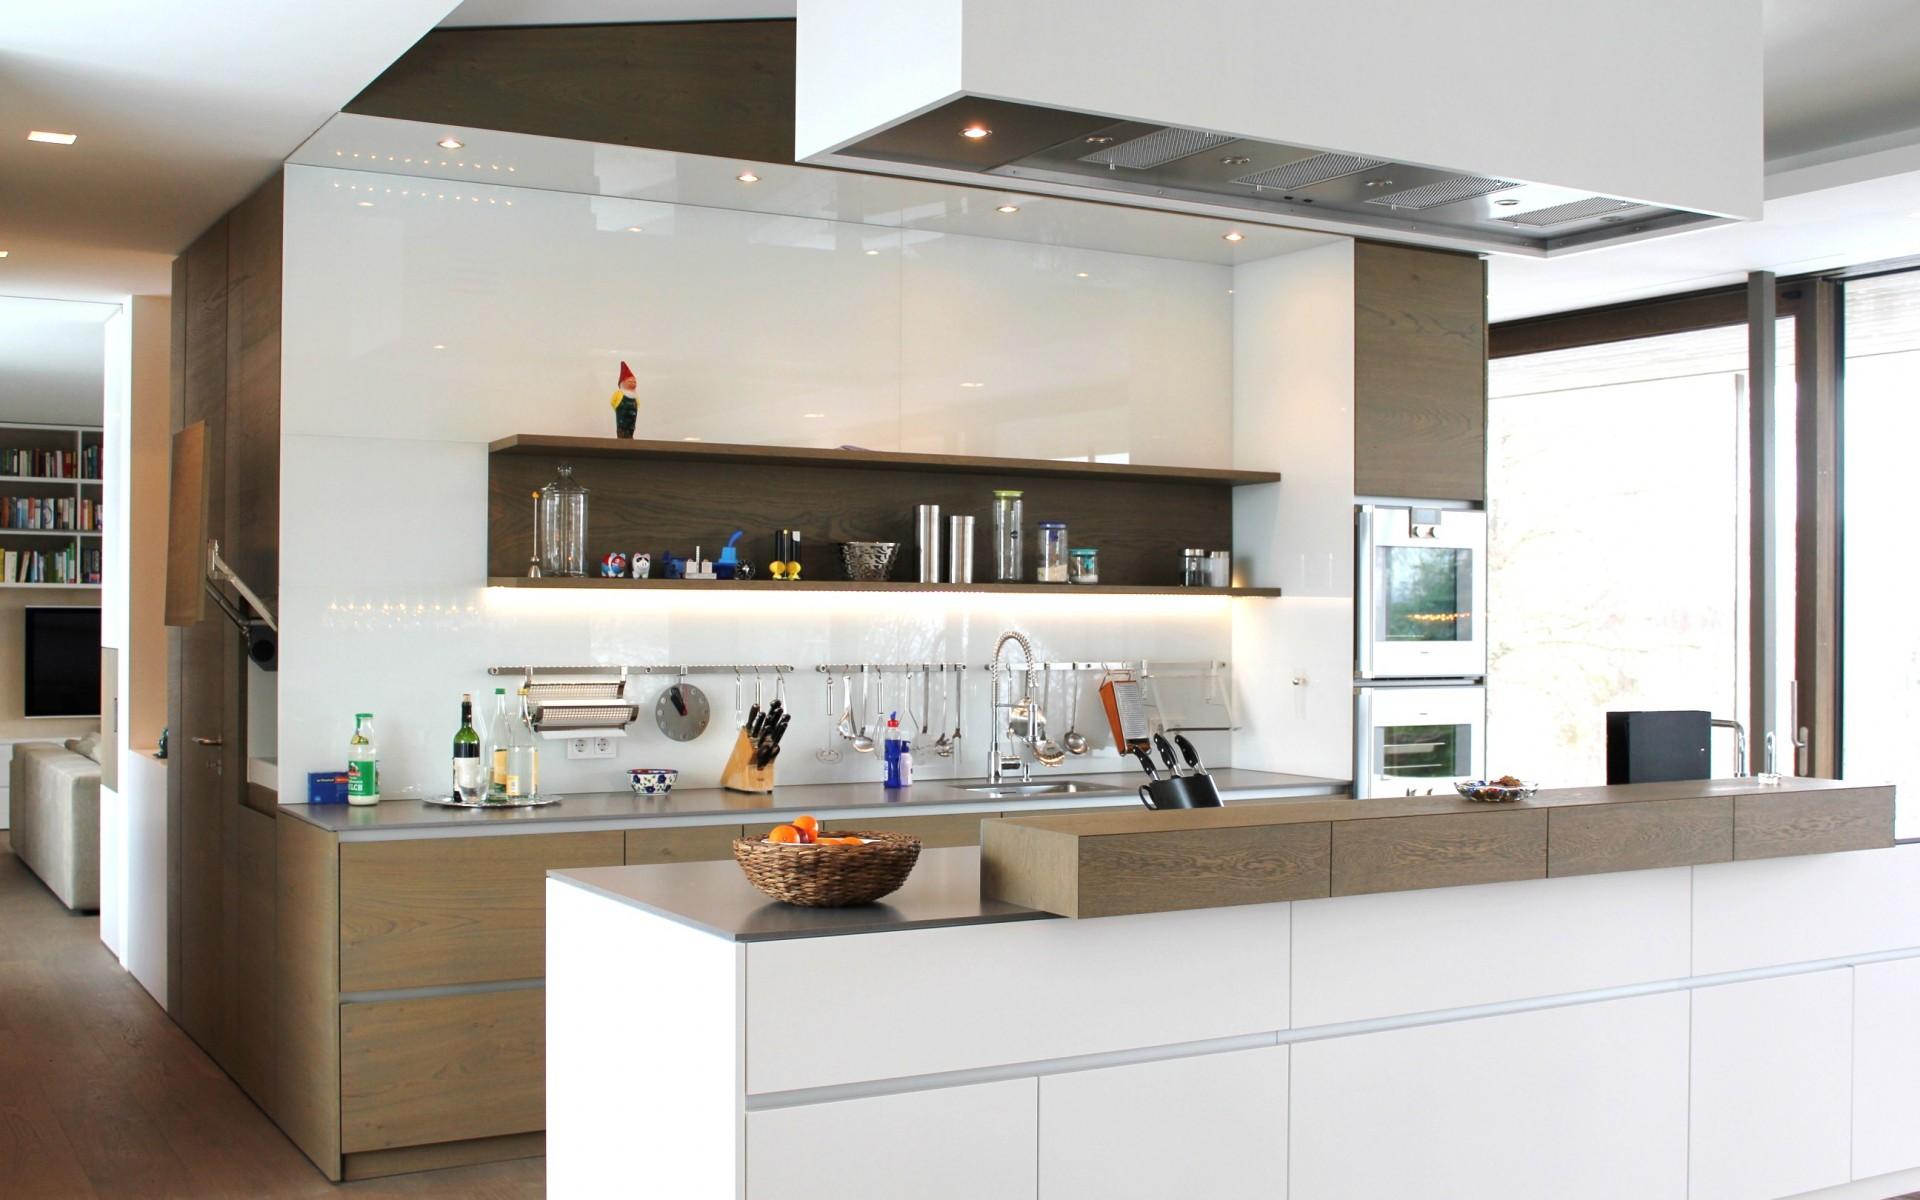 Cocinas blancas modernas sin tiradores cool cocinas - Tiradores de cocina modernos ...